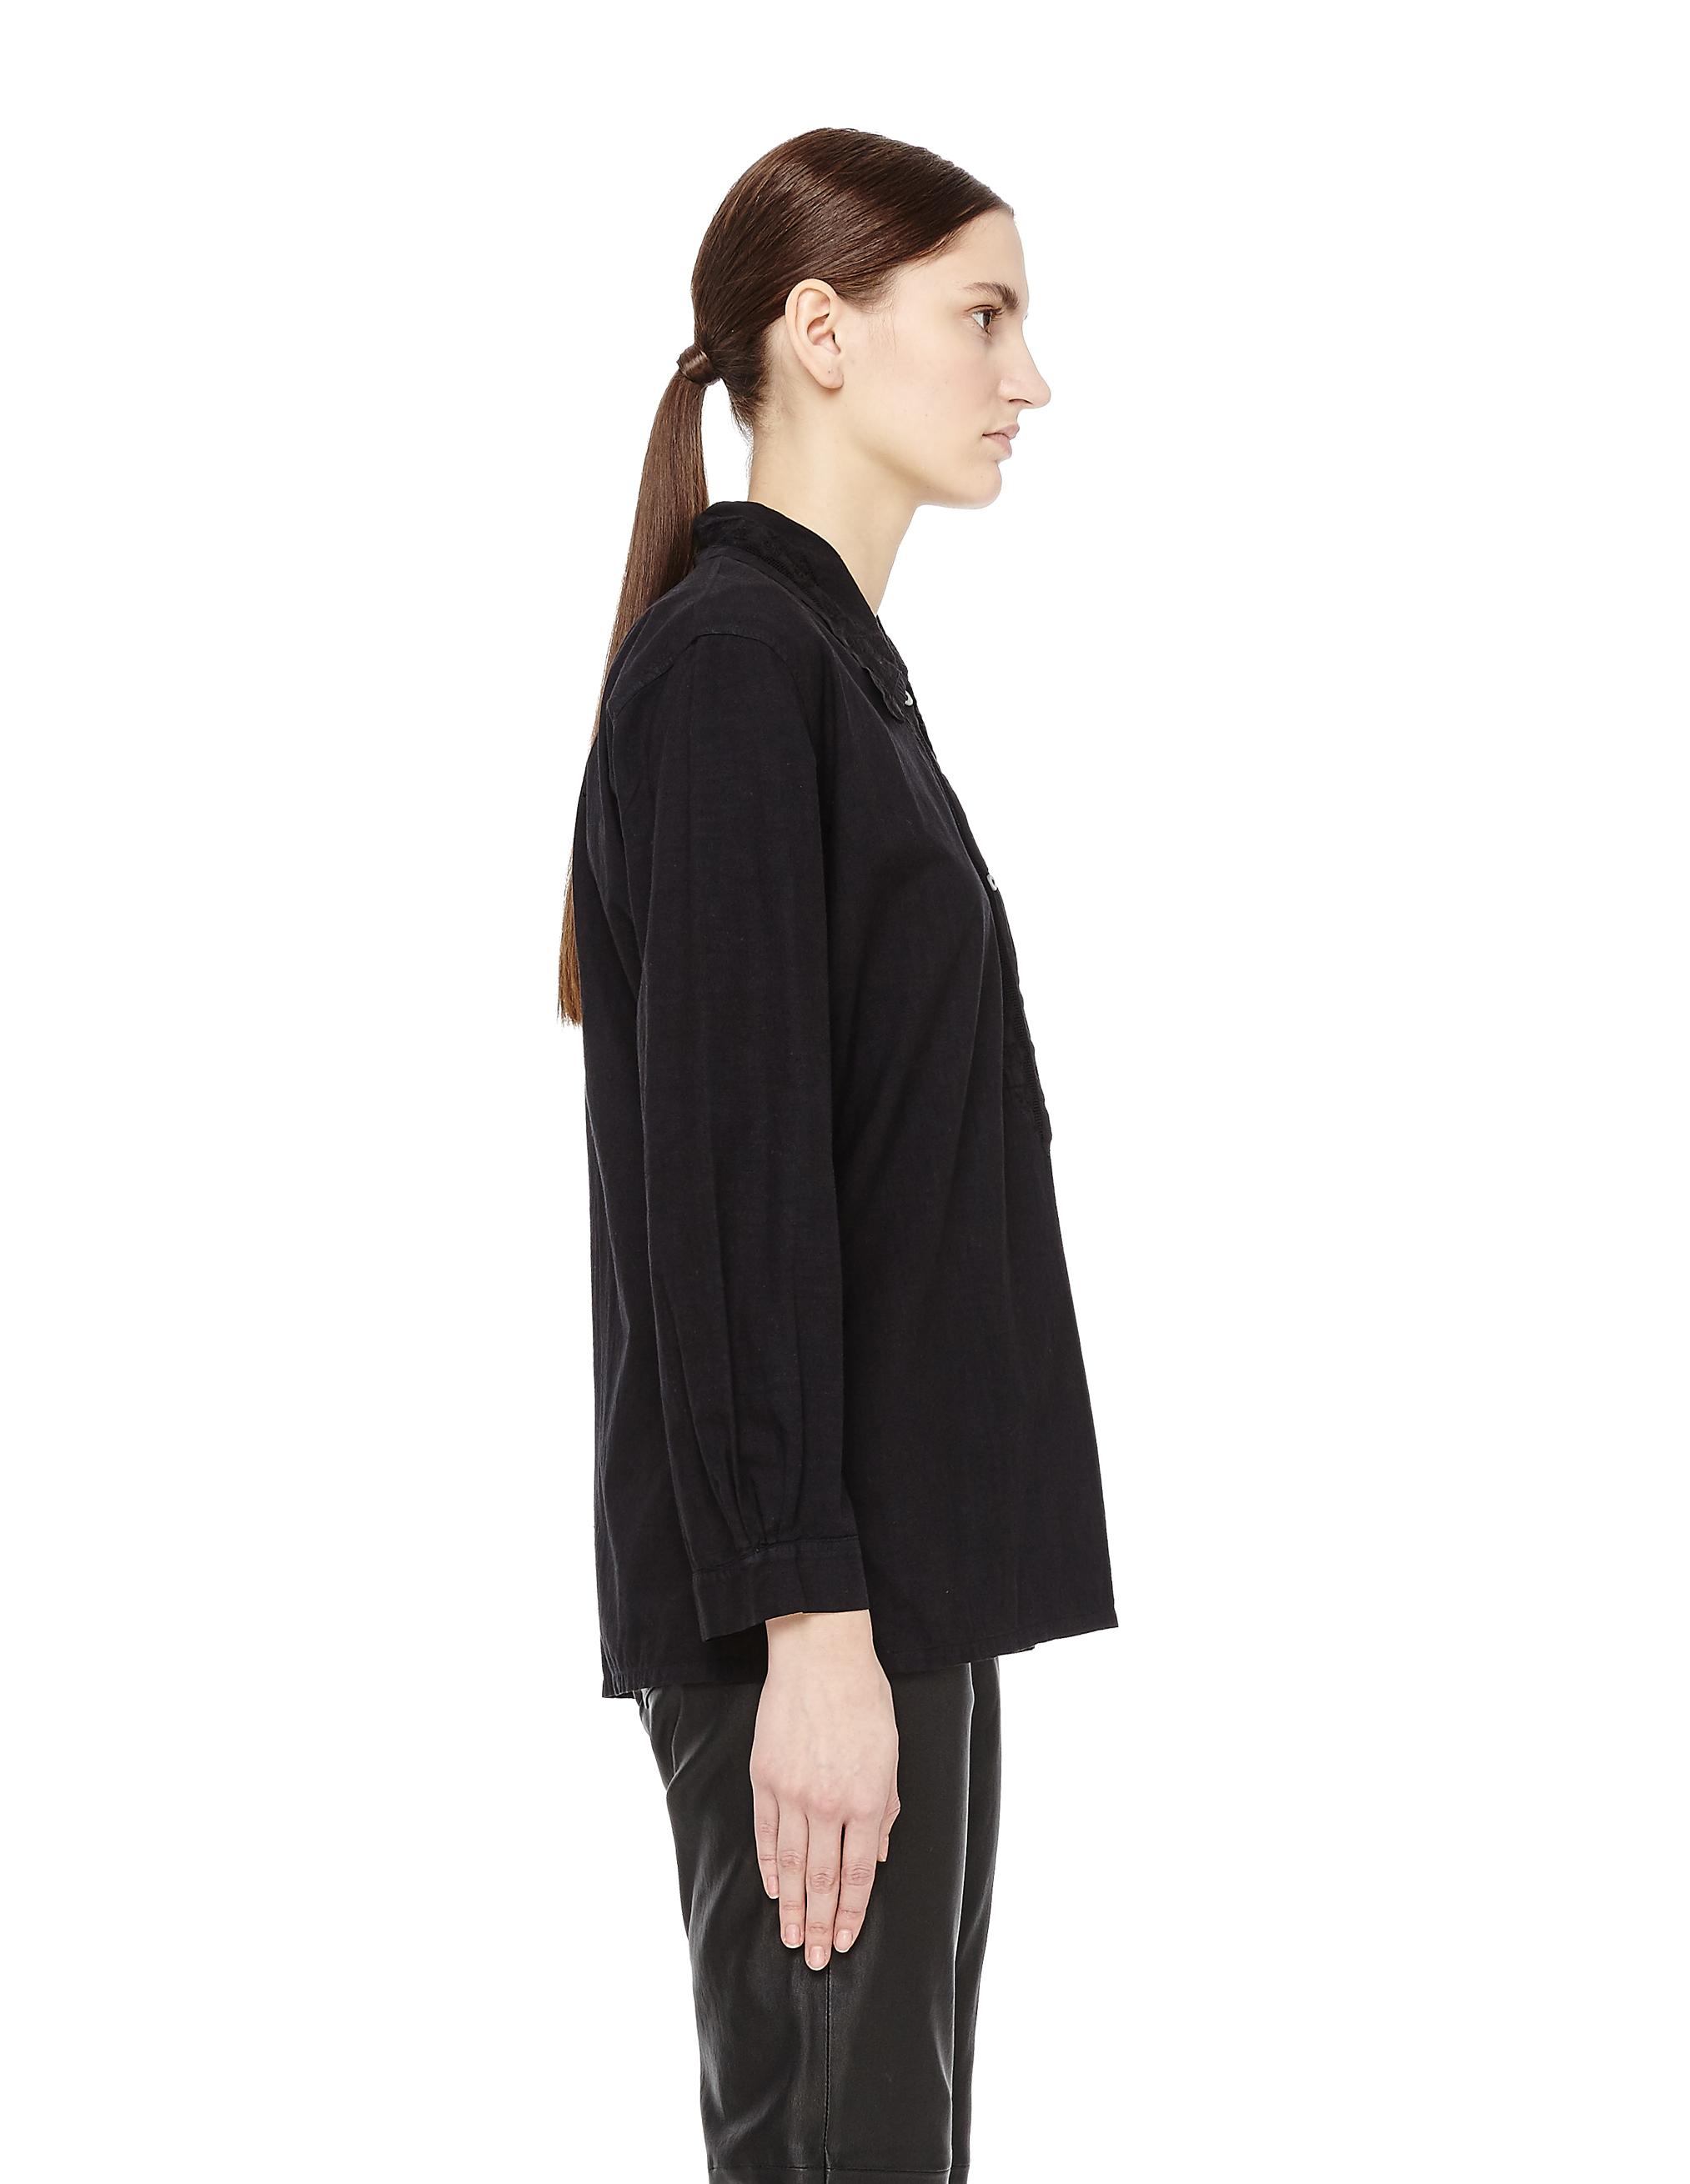 7a7fb168324 Хлопковая блузка с кружевом Blackyoto Remi-2 купить за 34700 рублей ...